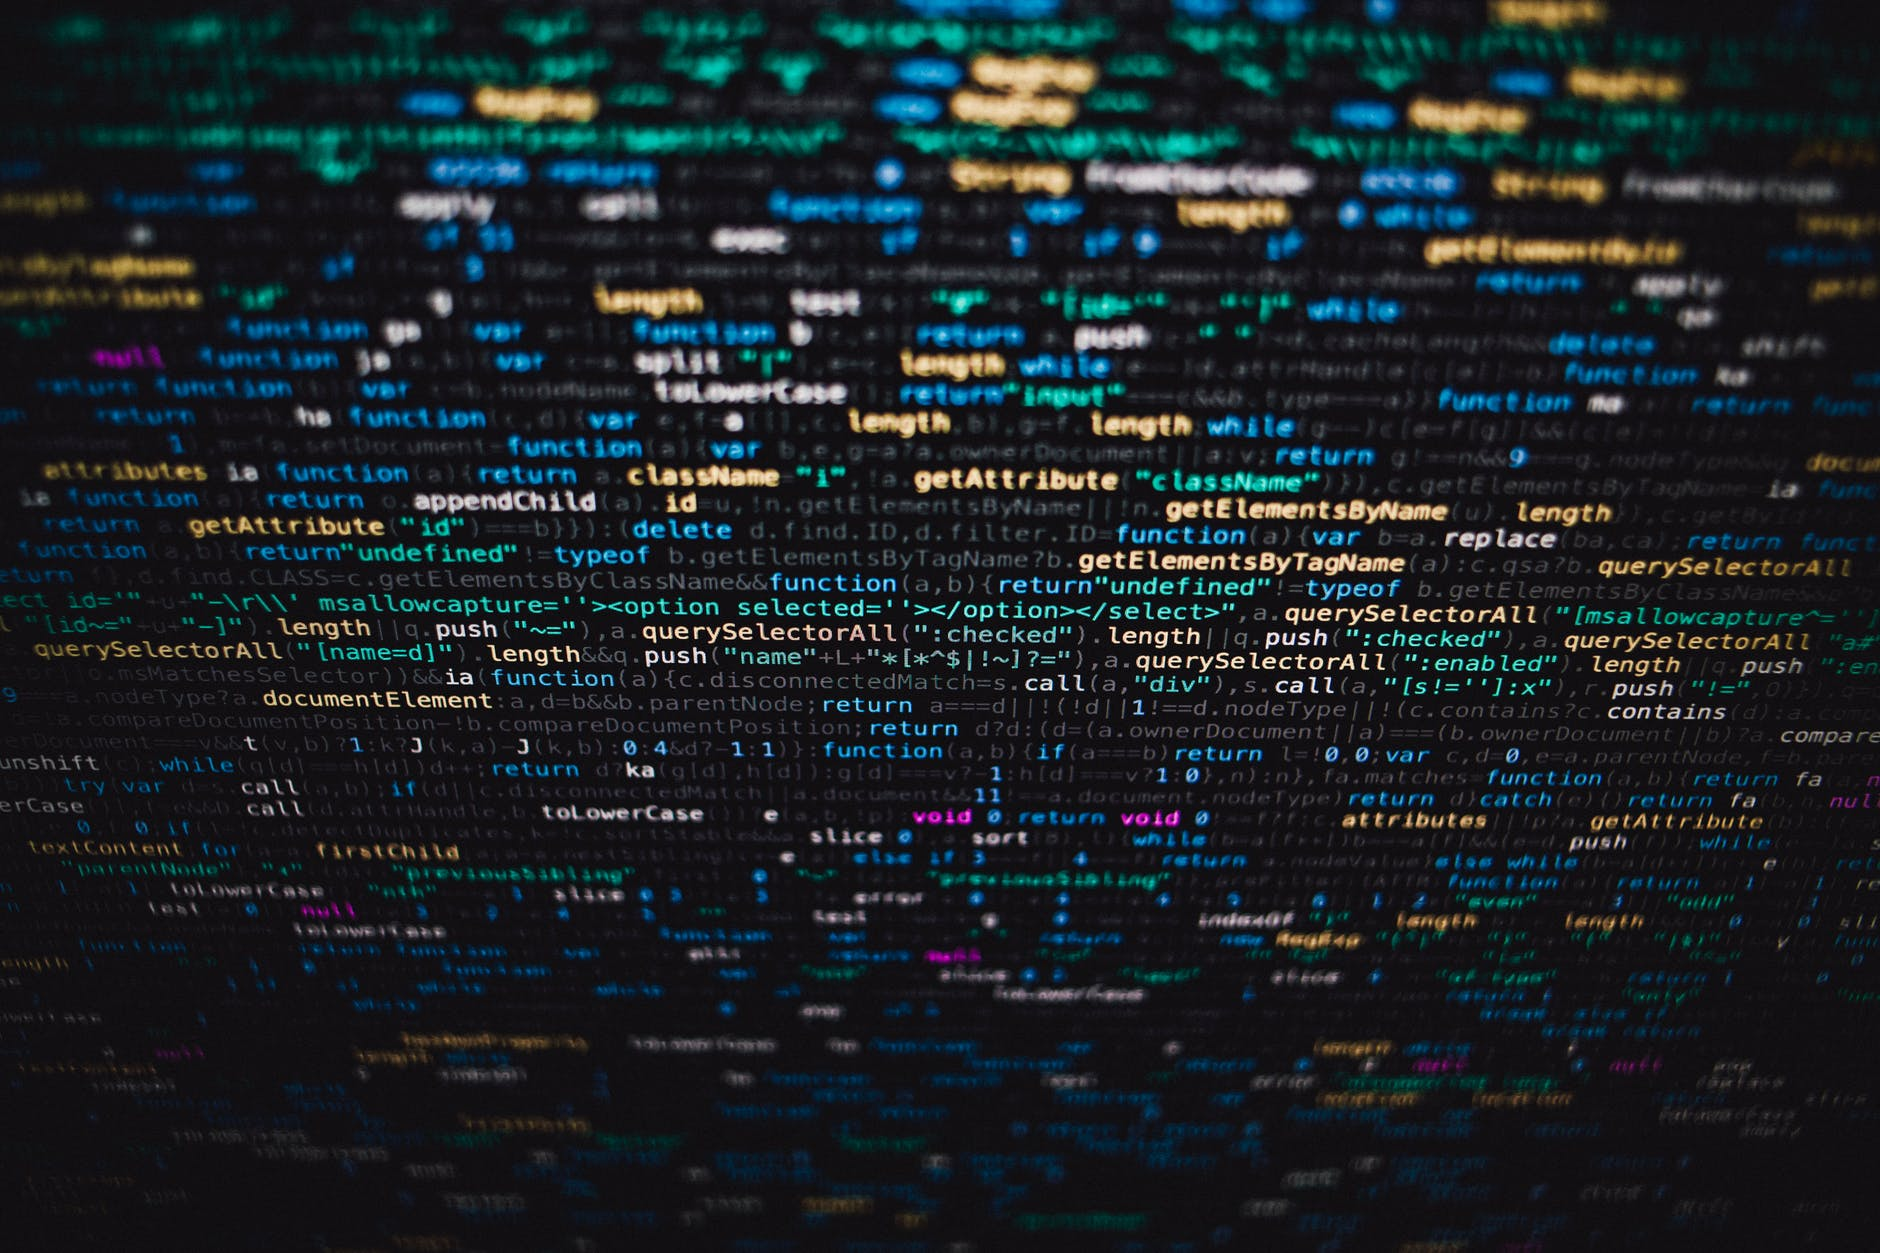 Rechtschreibung, Gesichtserkennung, Profit – Ein Deep Dive in die Zusammenarbeit von Kapitalismus und AI